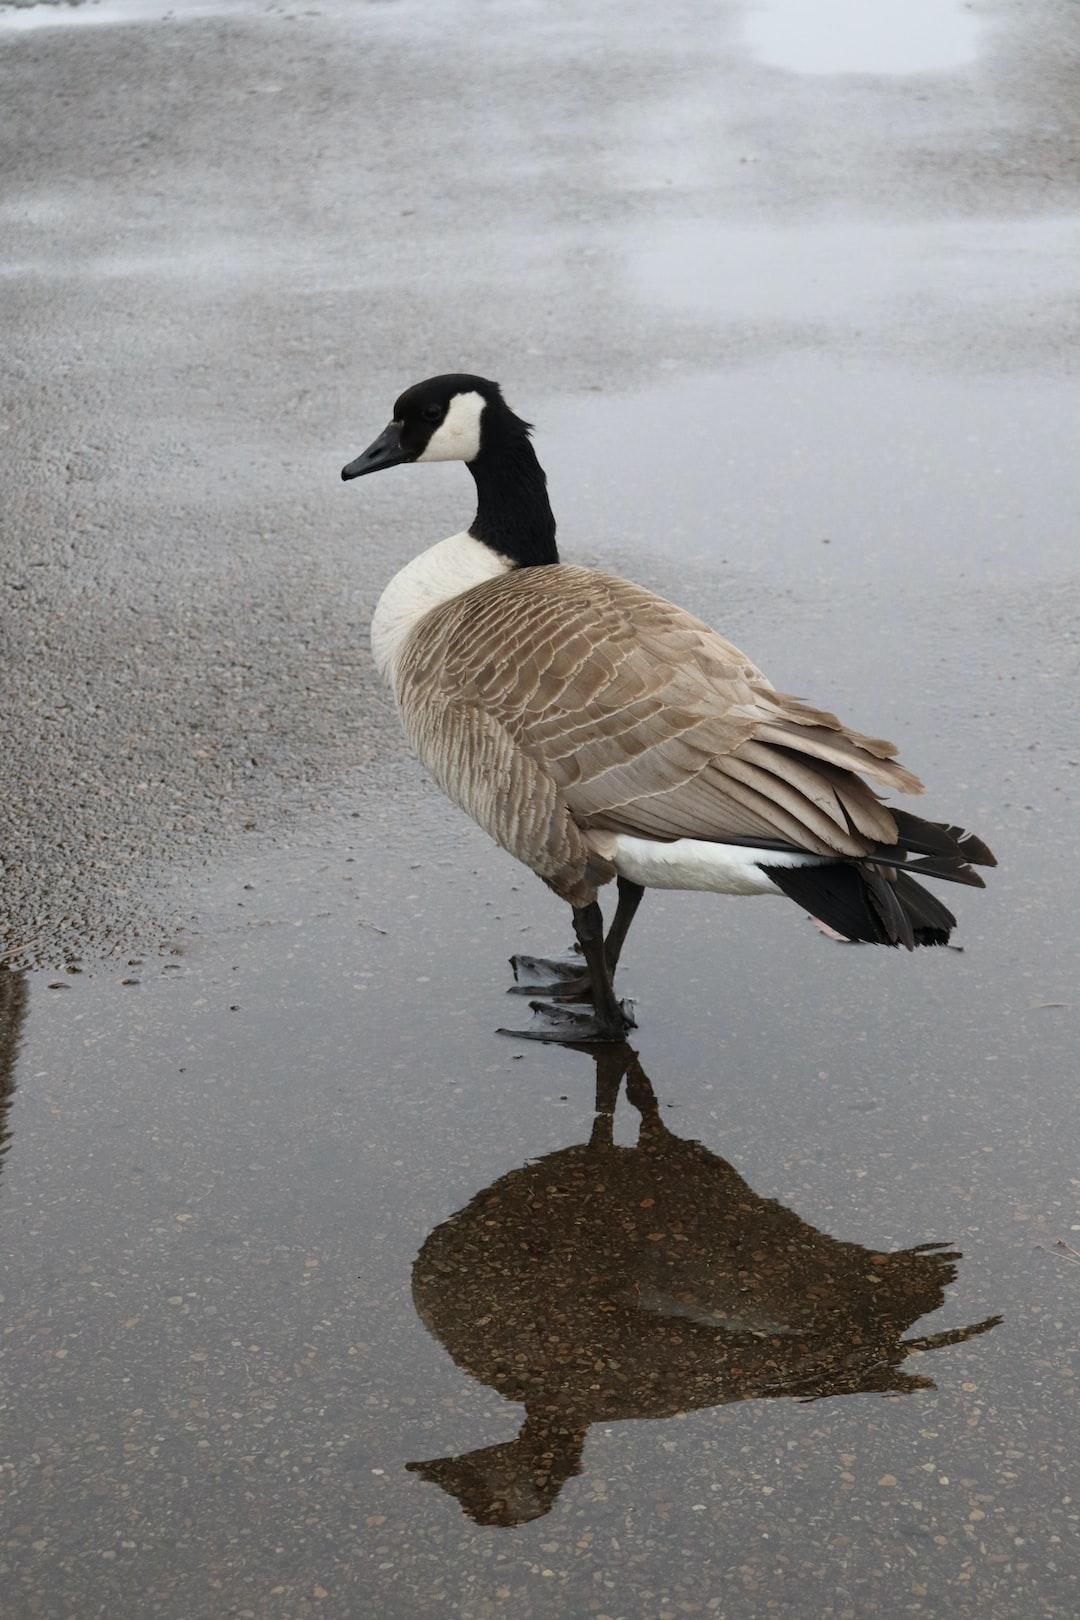 a goose, a reflection